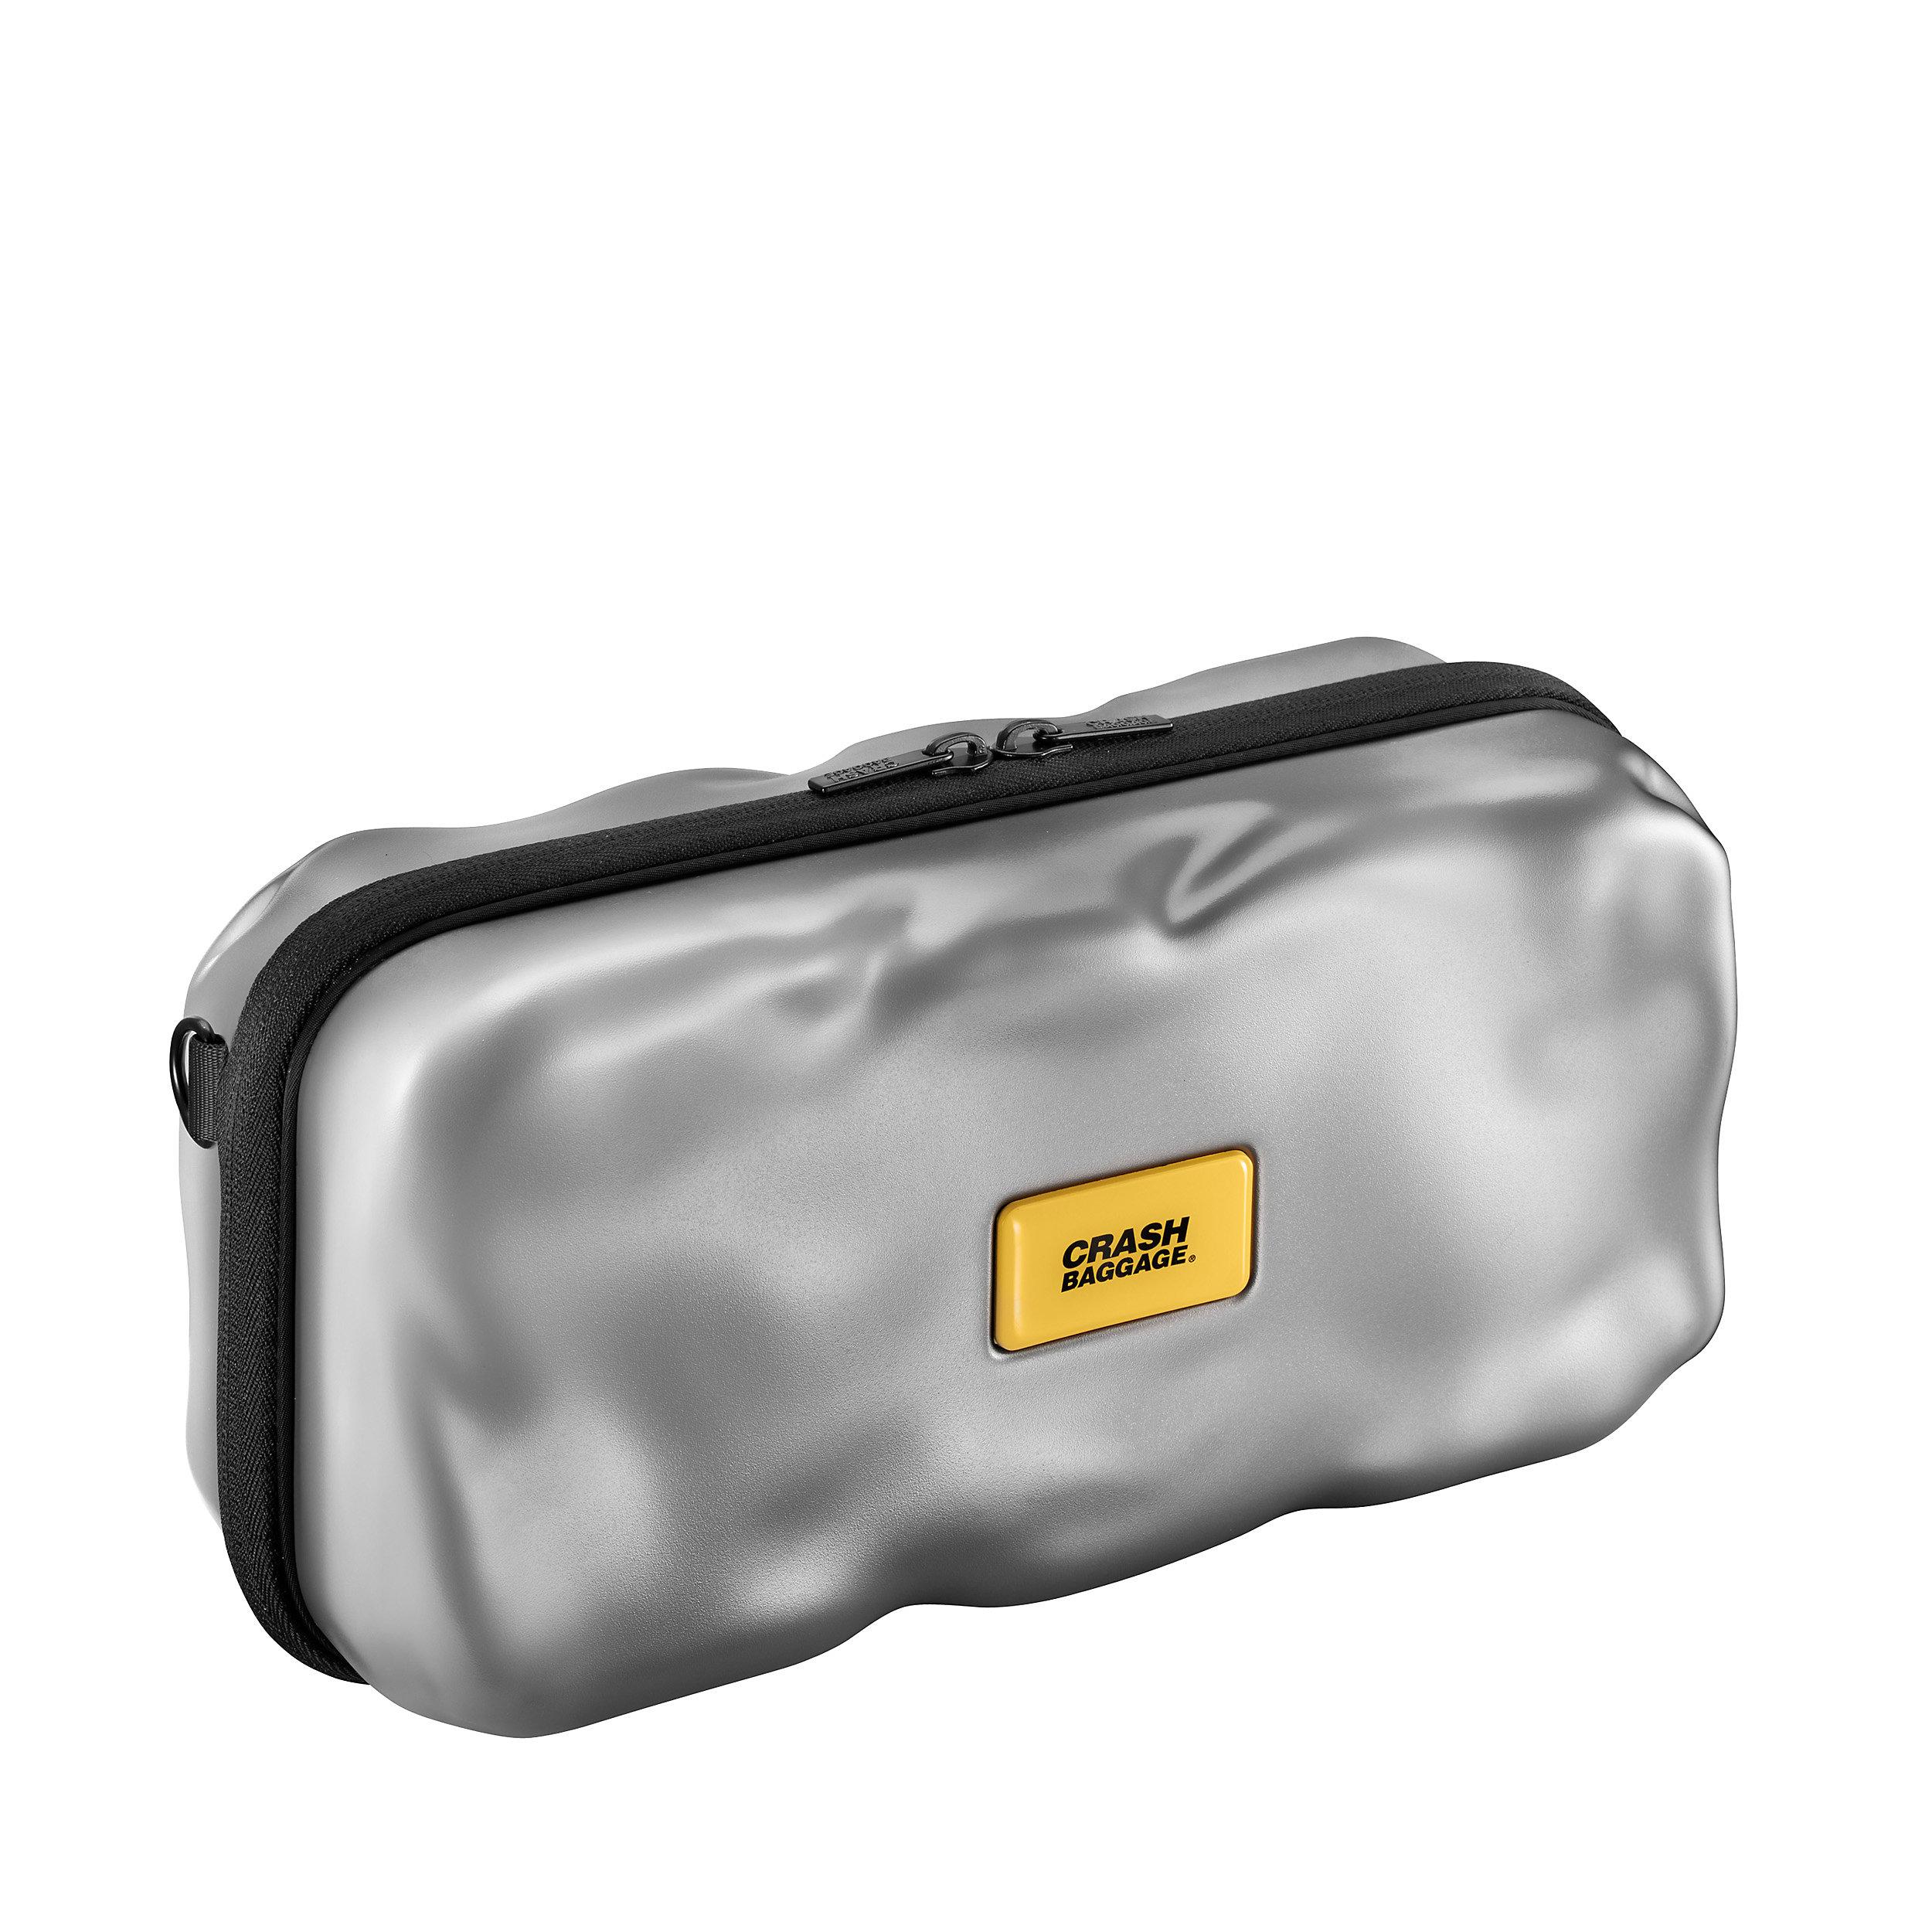 Umhängetasche Hard Case Maxi Icon 4.5 Liter